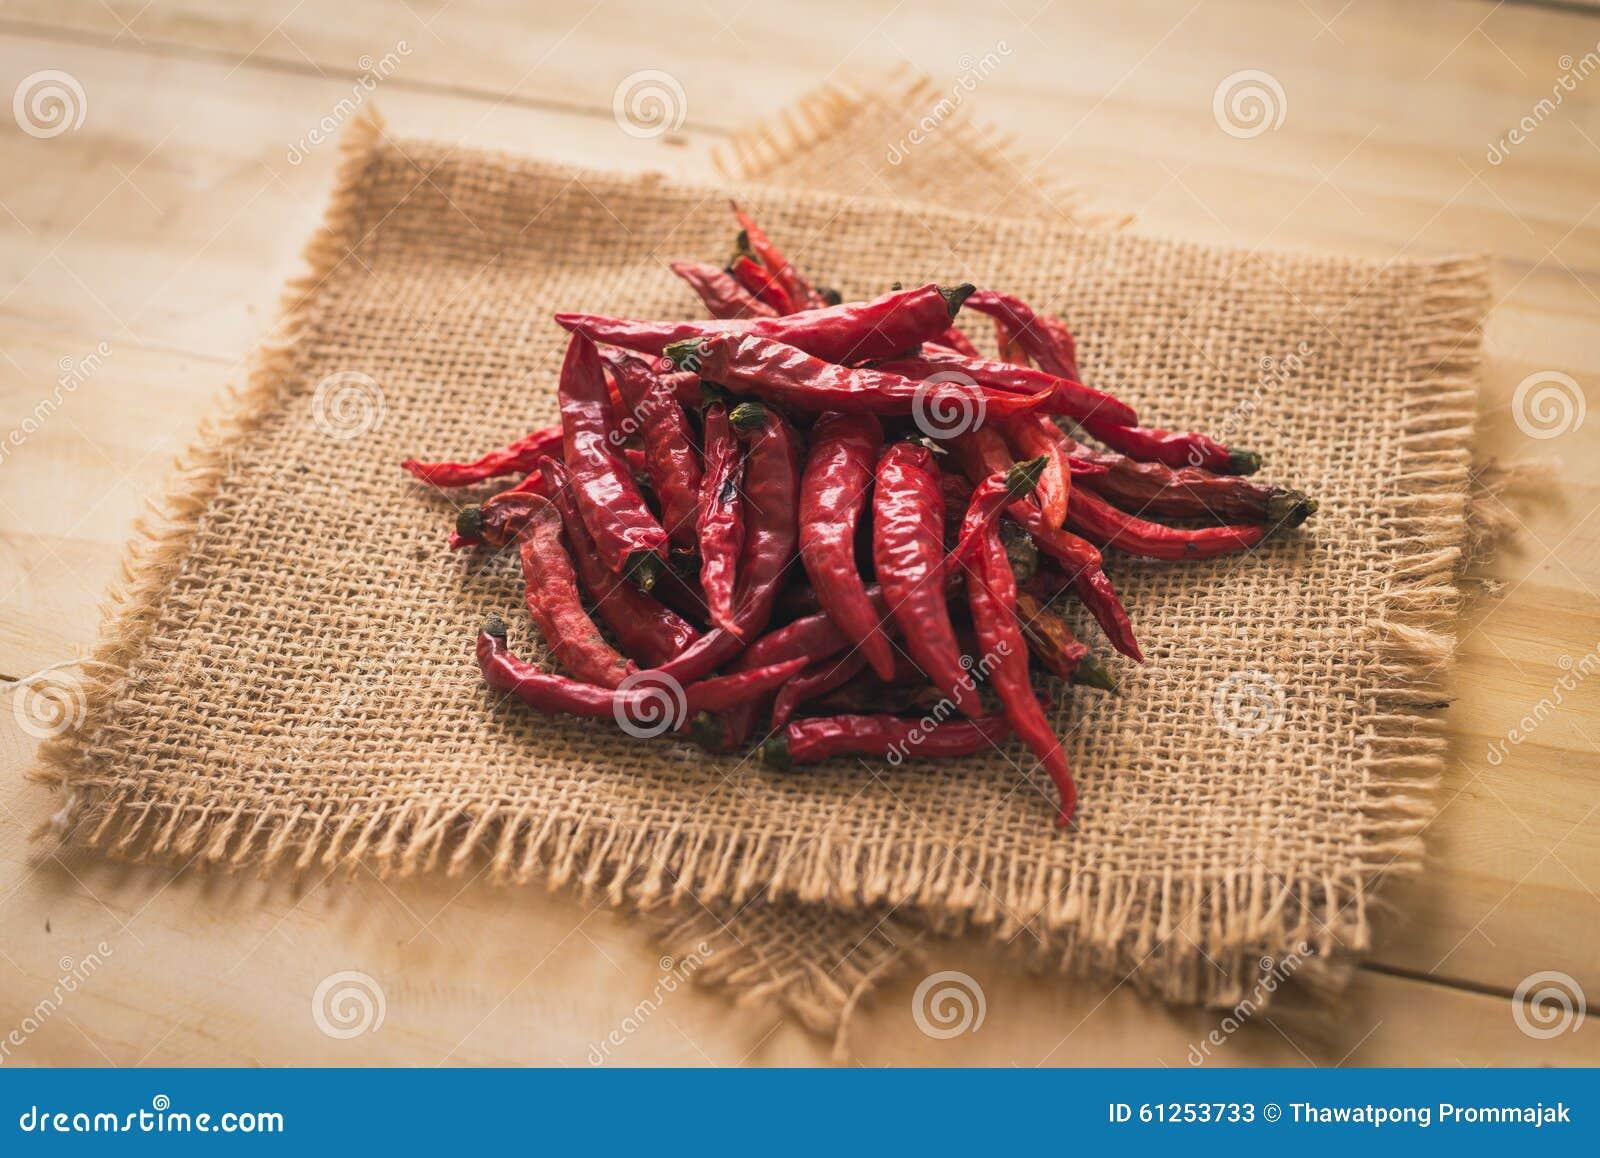 Pimienta de chiles candente secada de los chiles